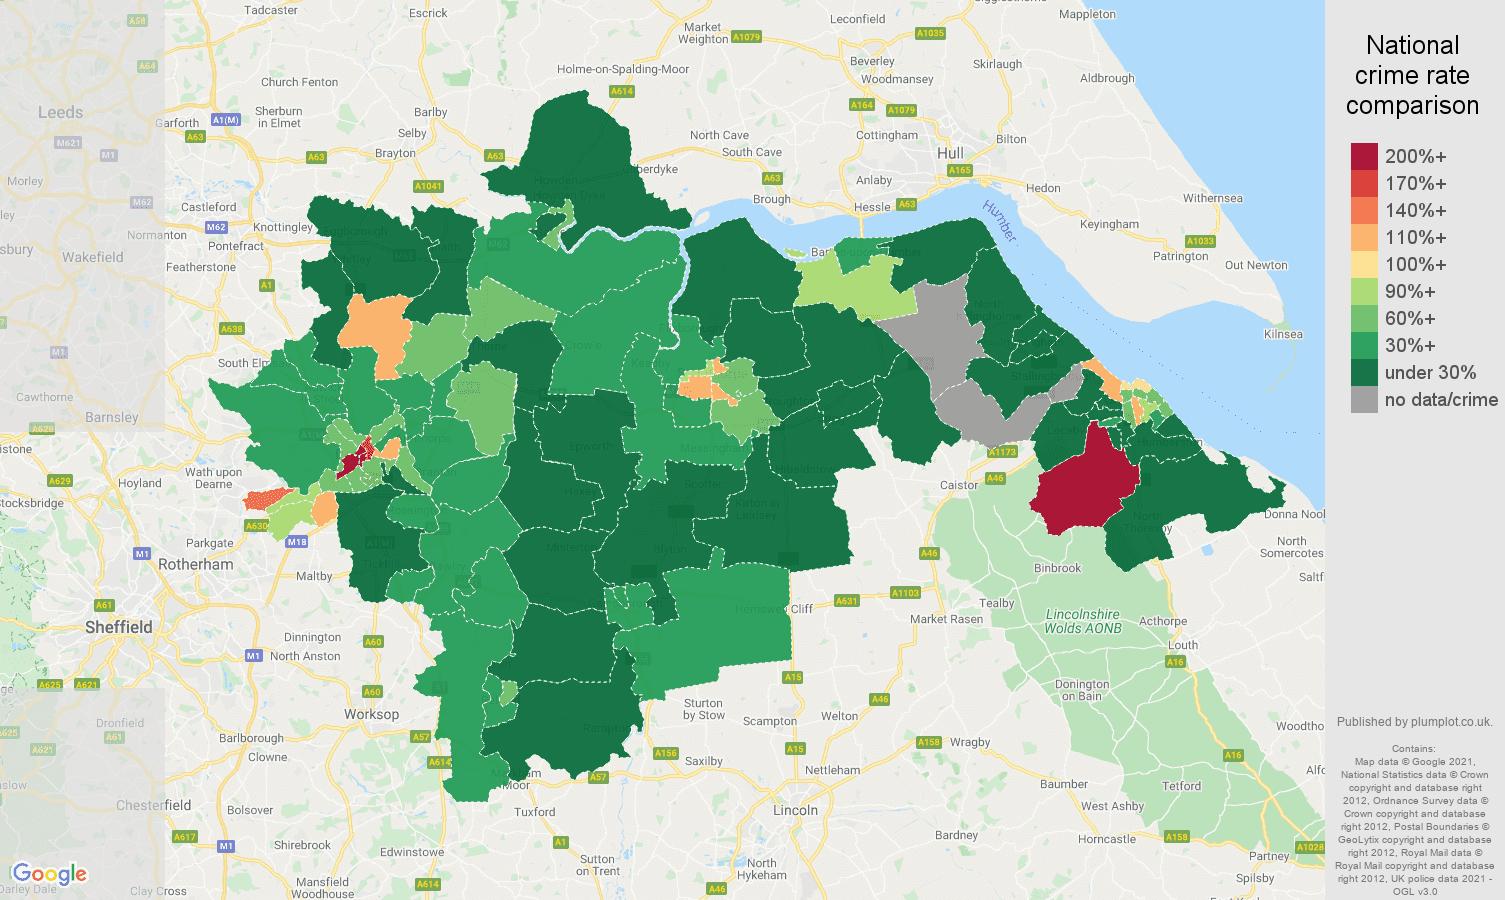 Doncaster drugs crime rate comparison map